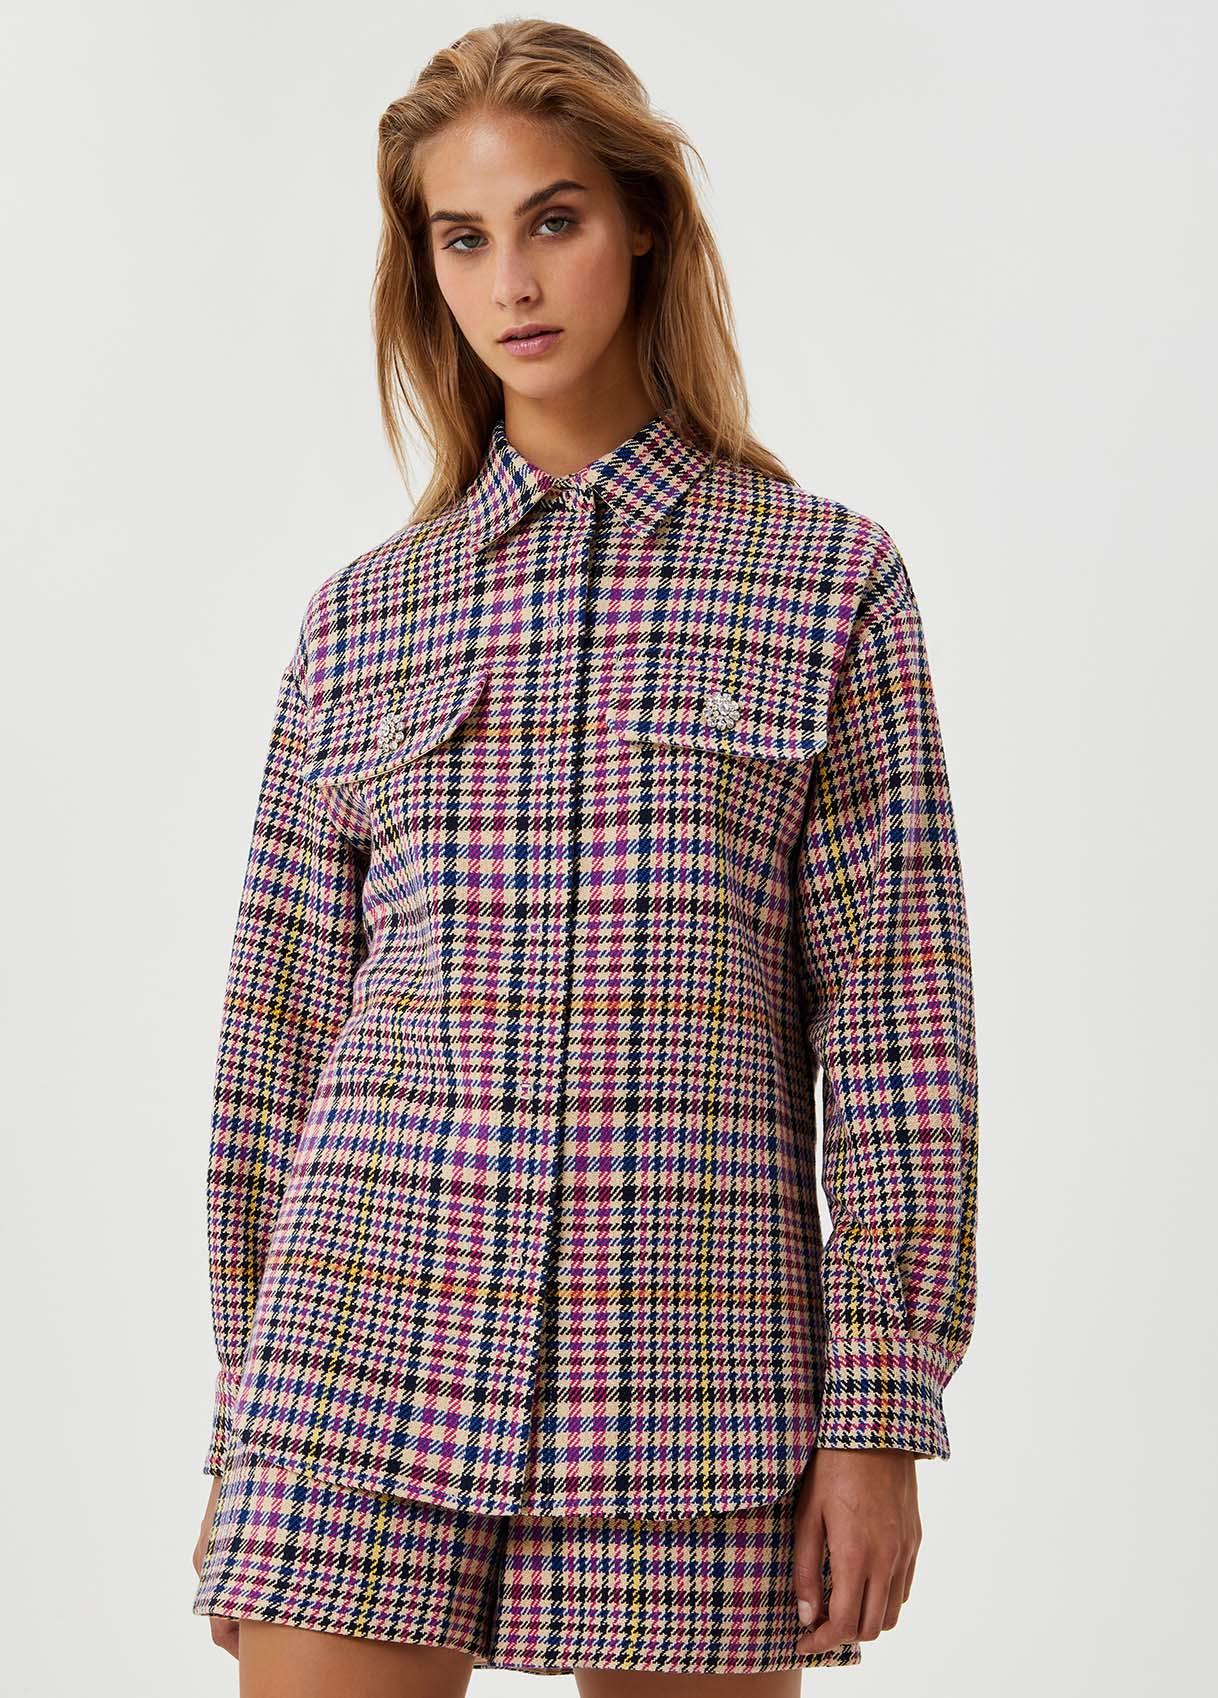 Camicia con bottoni gioiello-T9939-liujo-large